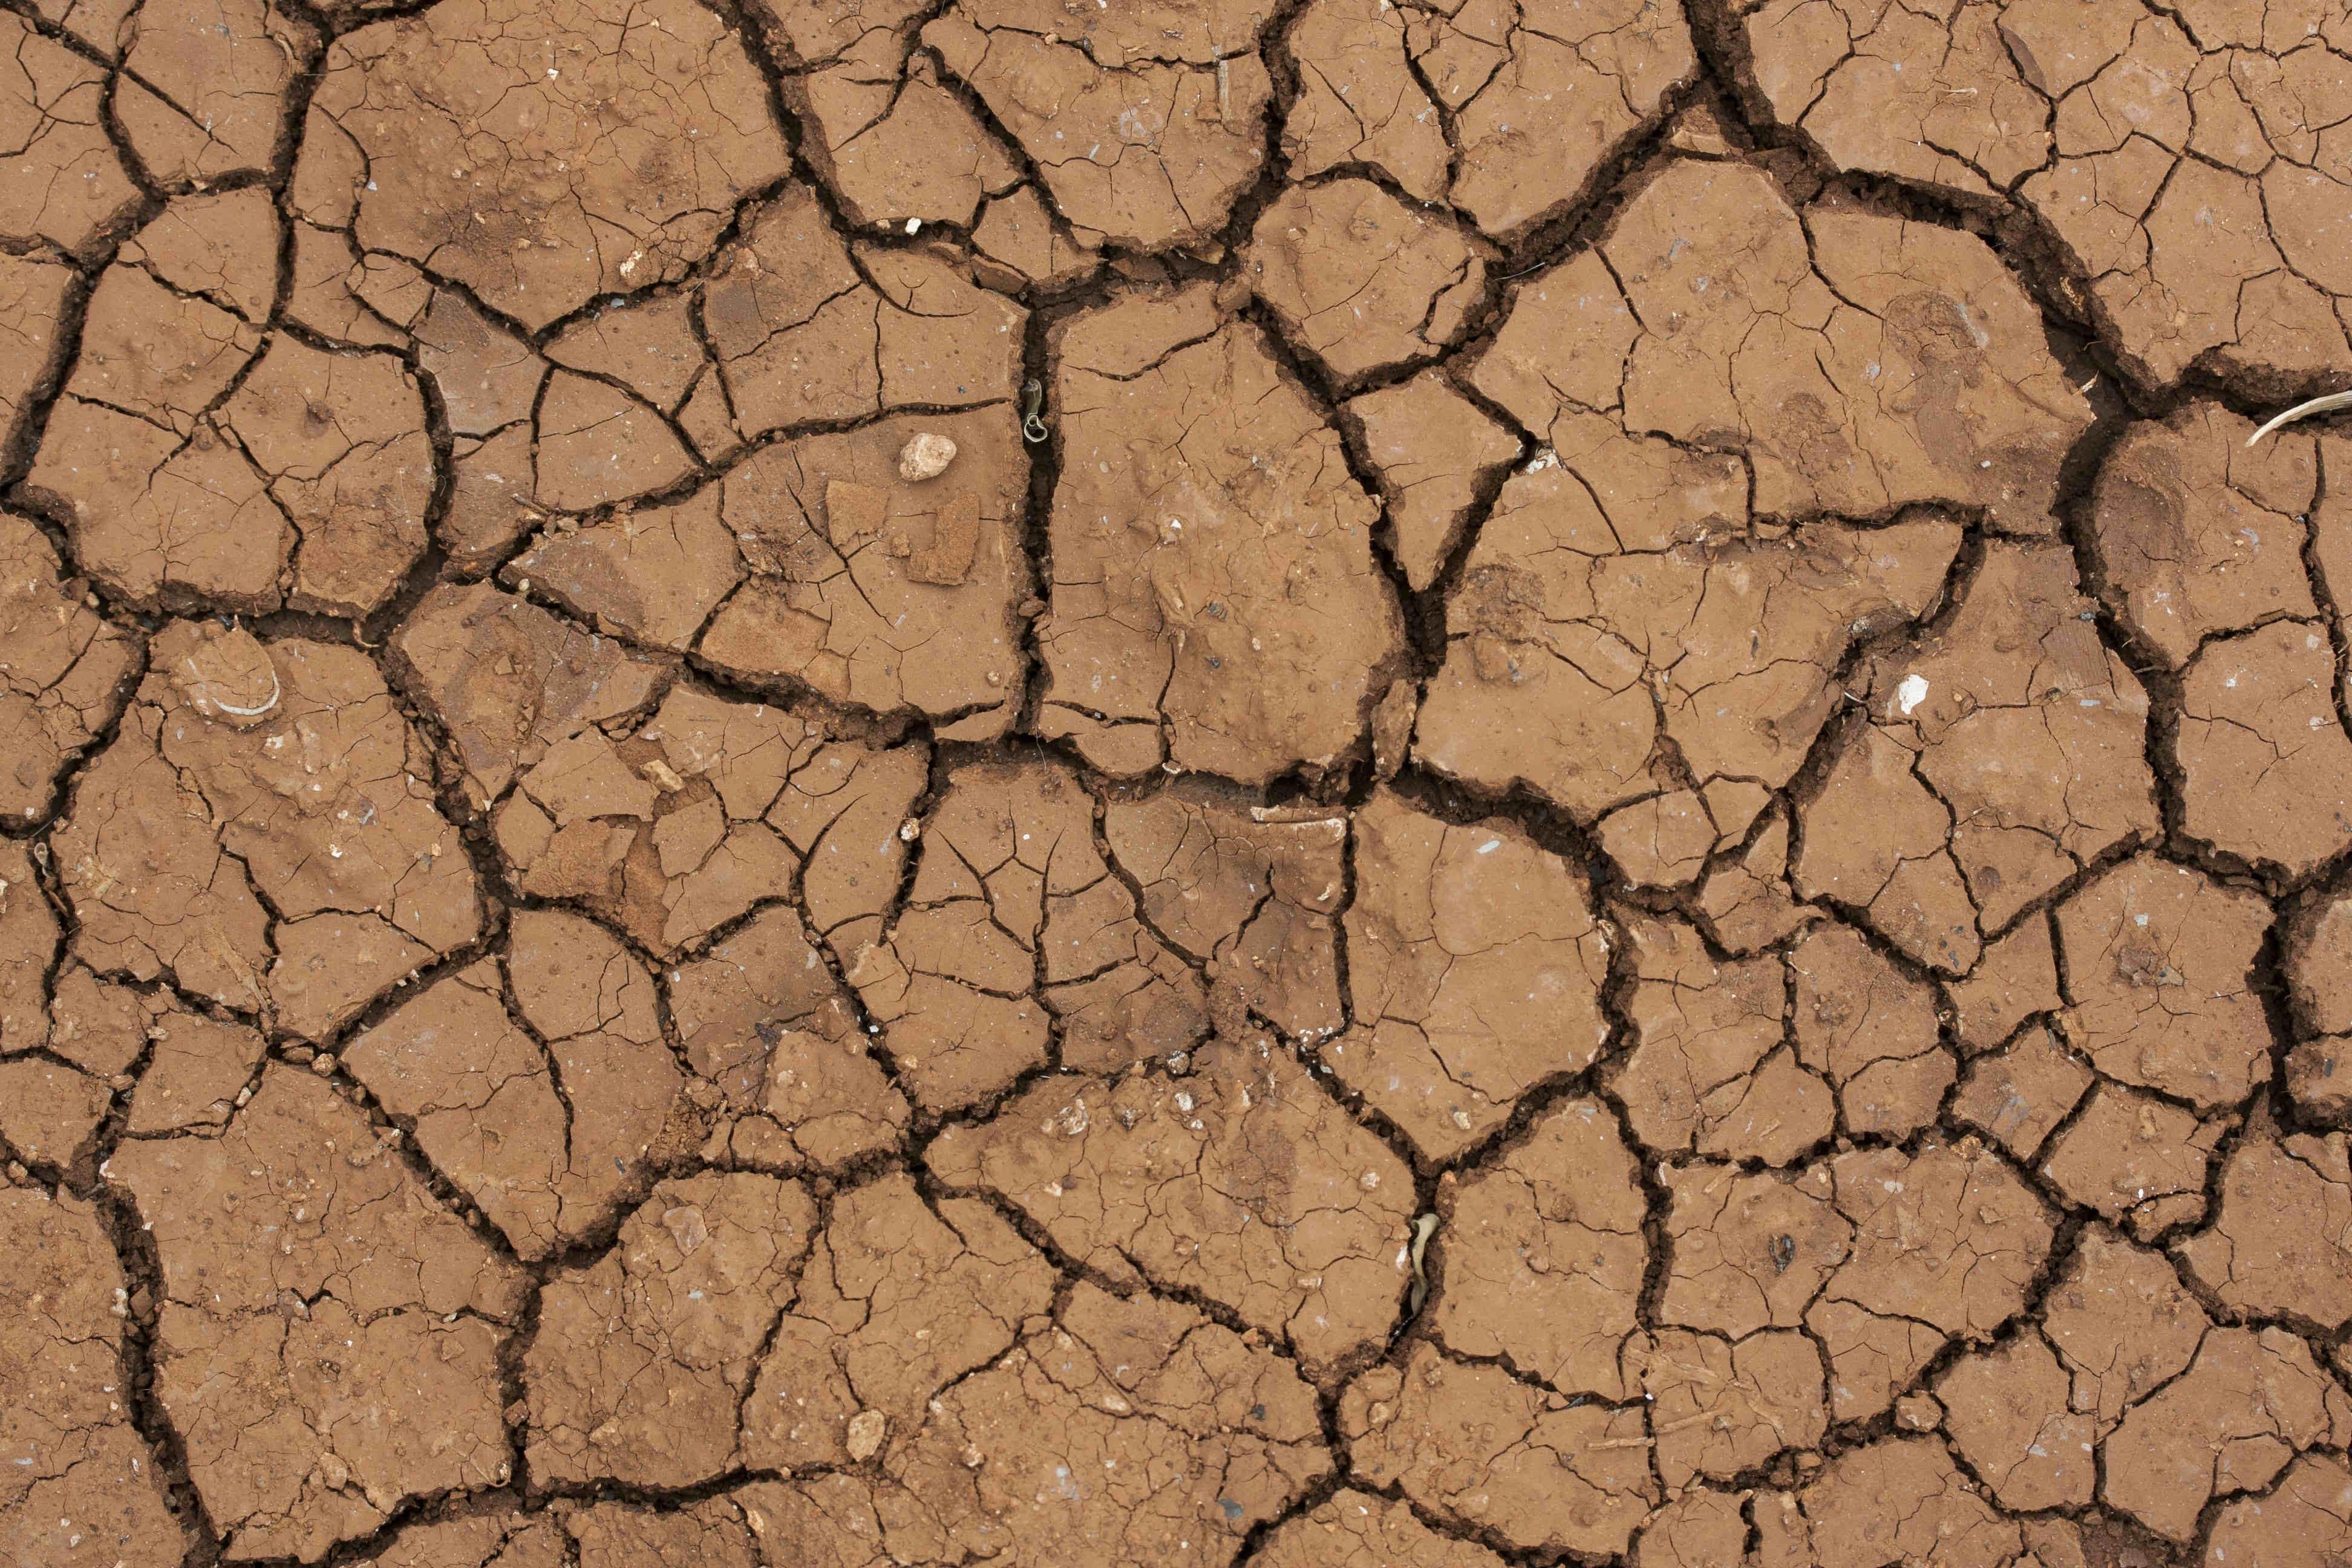 imagen-tierra-seca-ejemplo-2015-fue-ano-mas-caliente-registro-historico